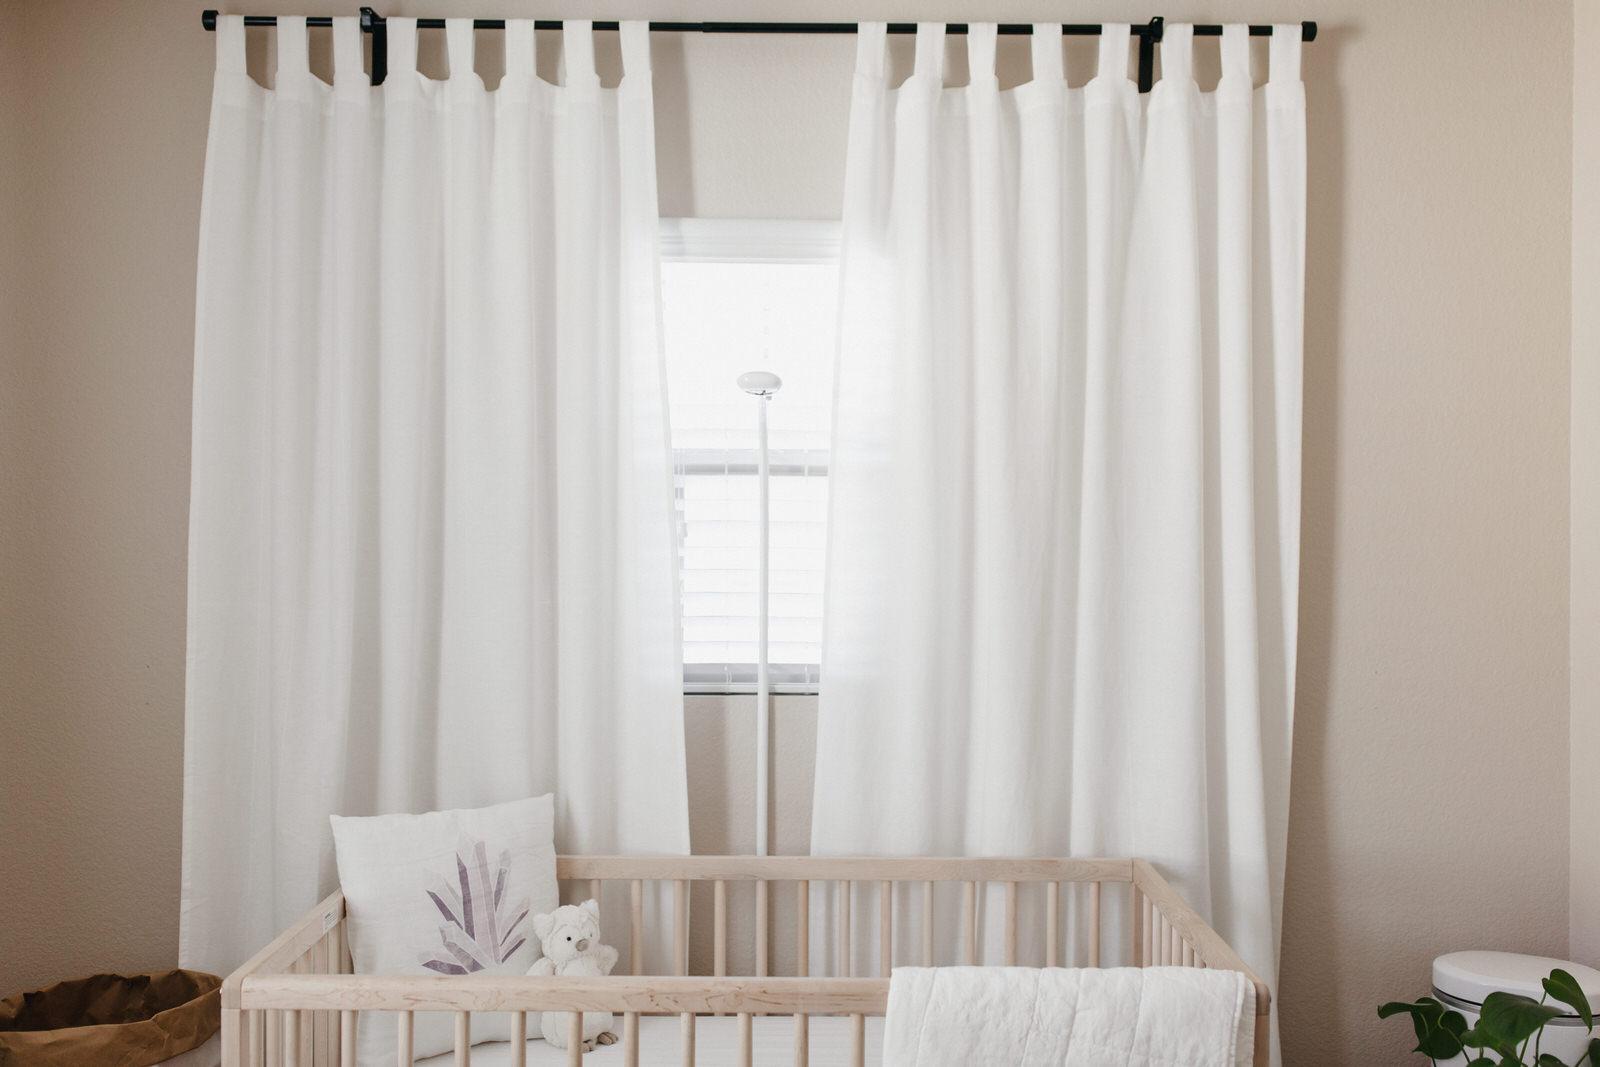 Chloé's Nursery - Baby's Room - V1 (35 of 48).jpg